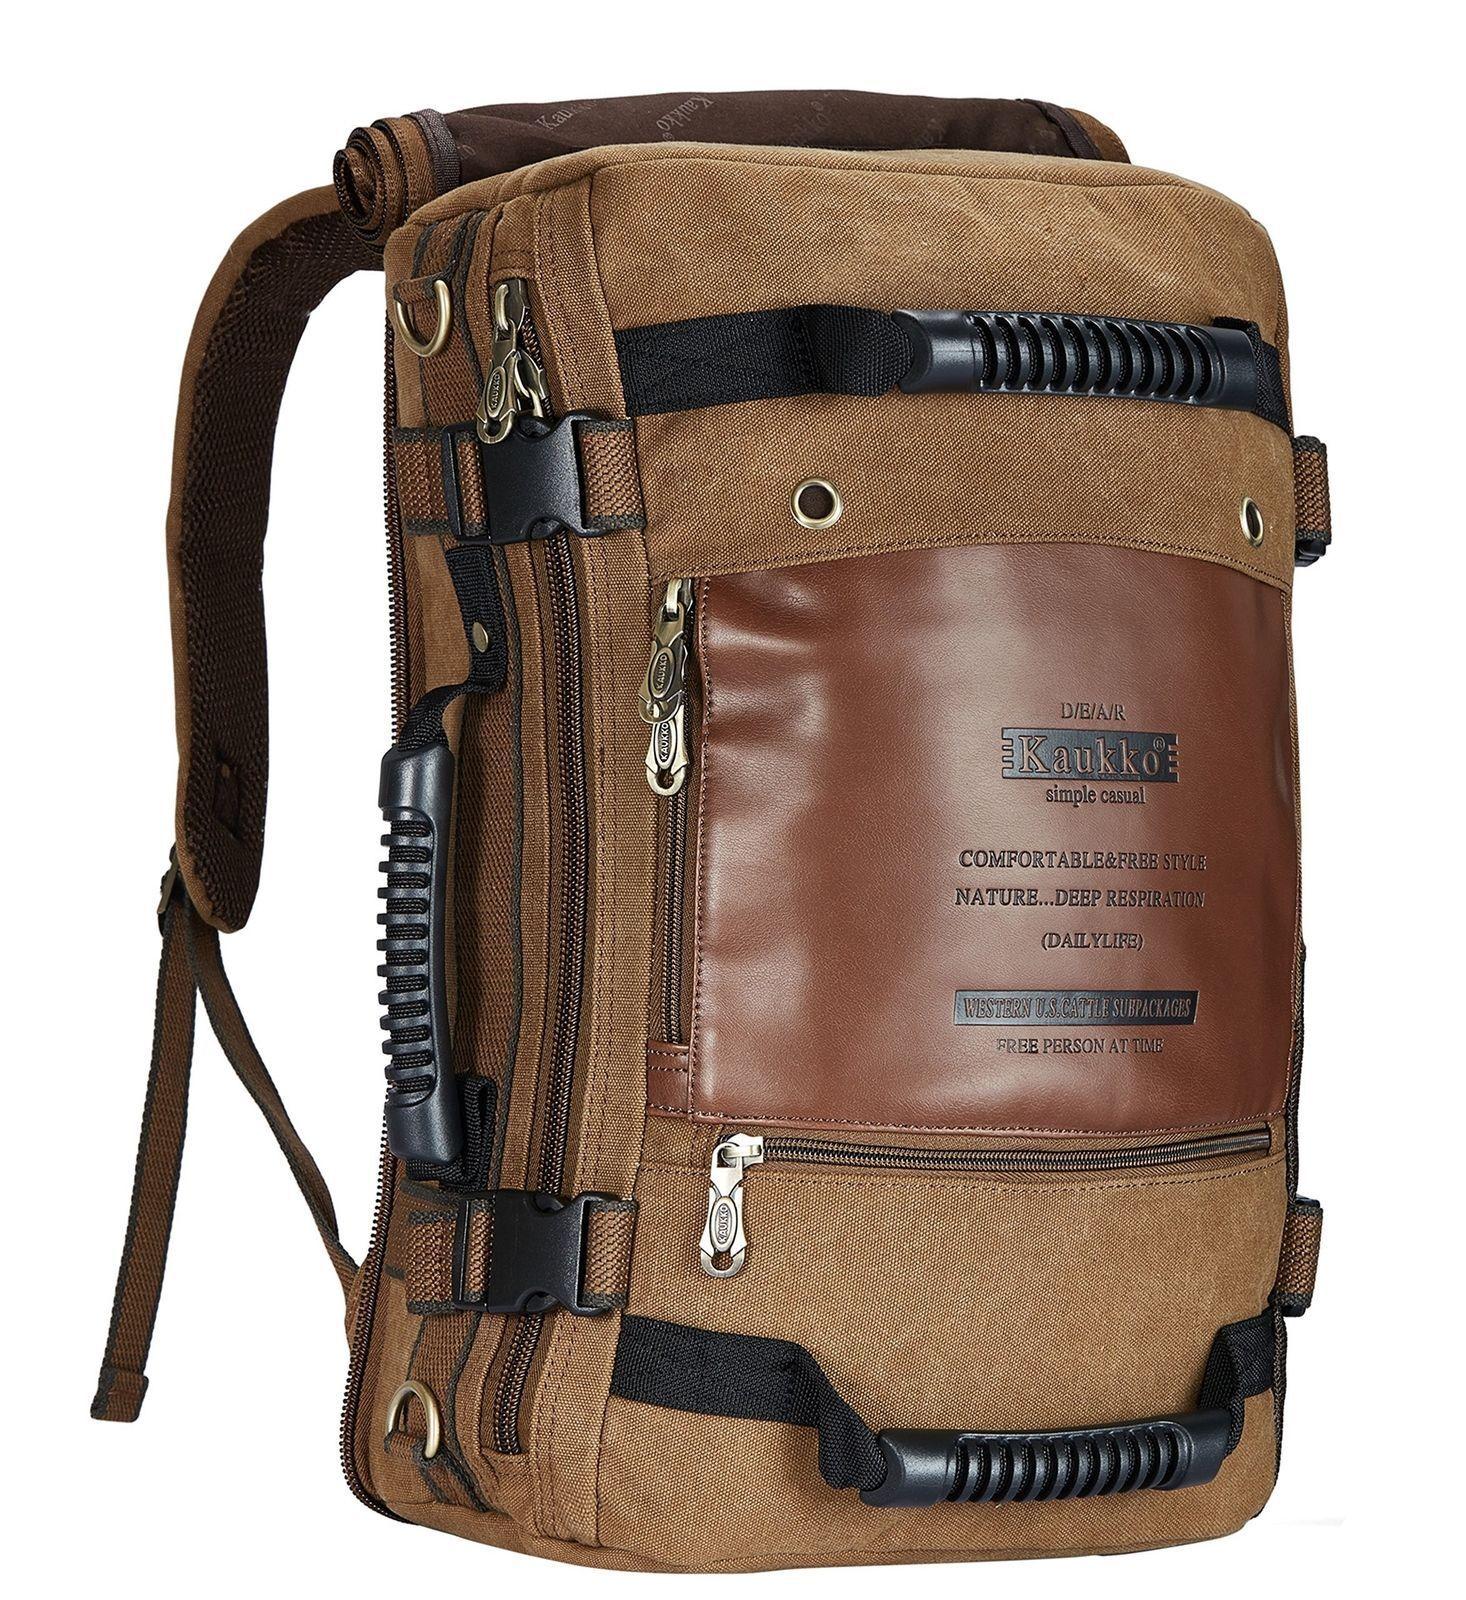 Рюкзак kaukko fh09 как правильно собрать рюкзак на турслете школьном